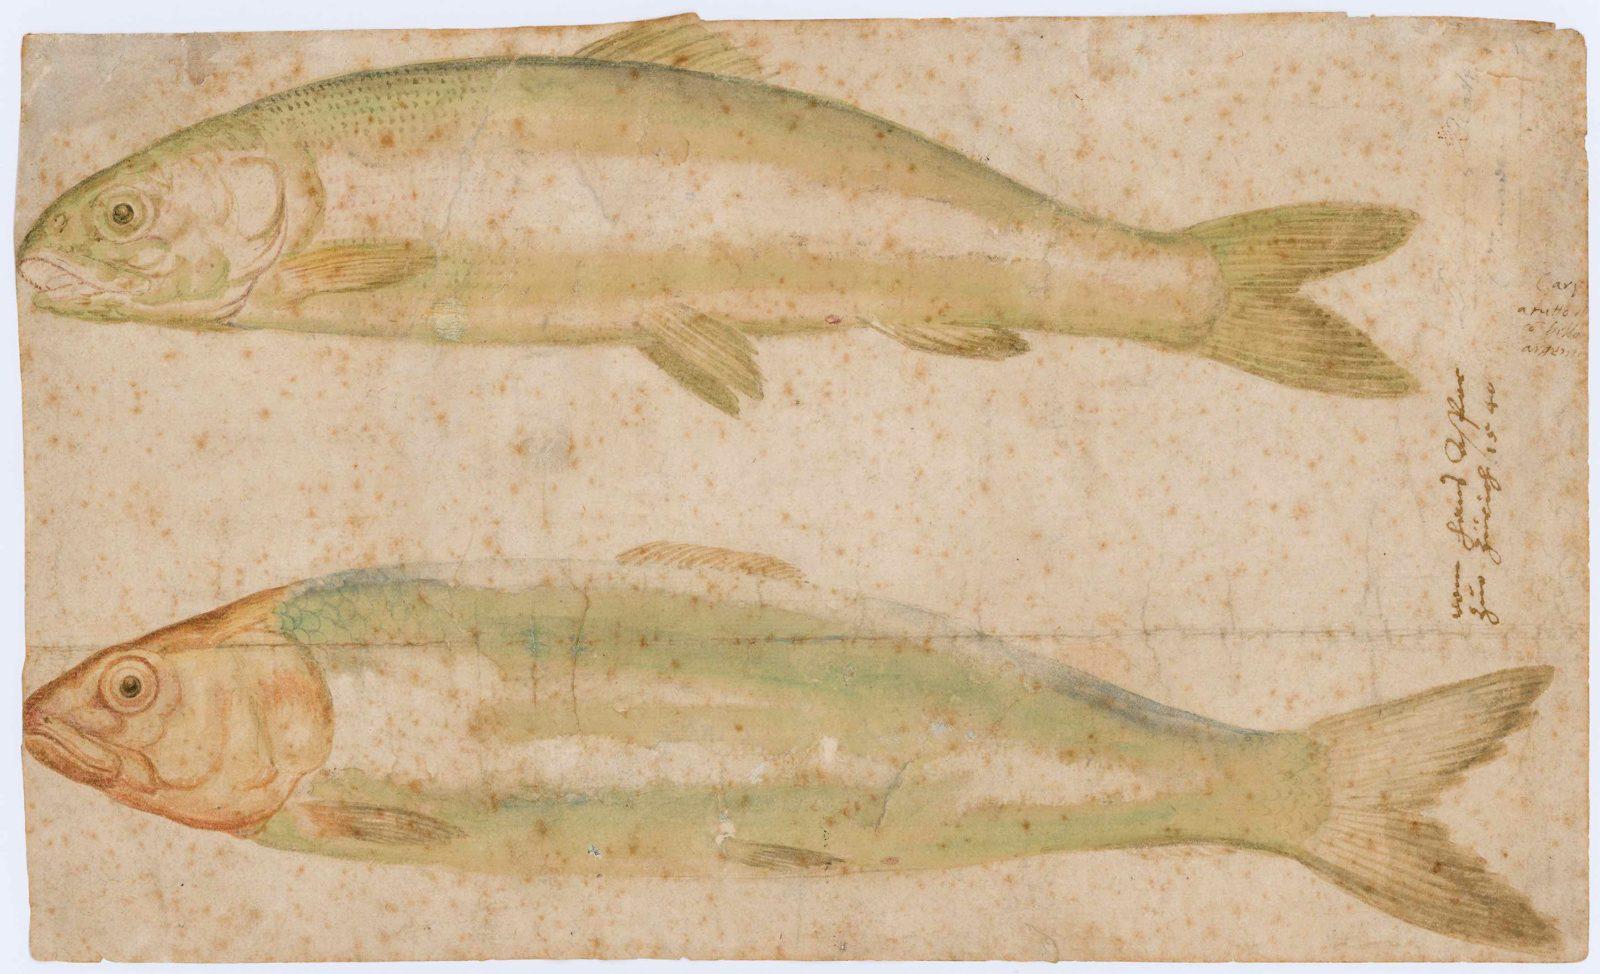 Hans Asper, Poissons   1540, dessin aquarellé